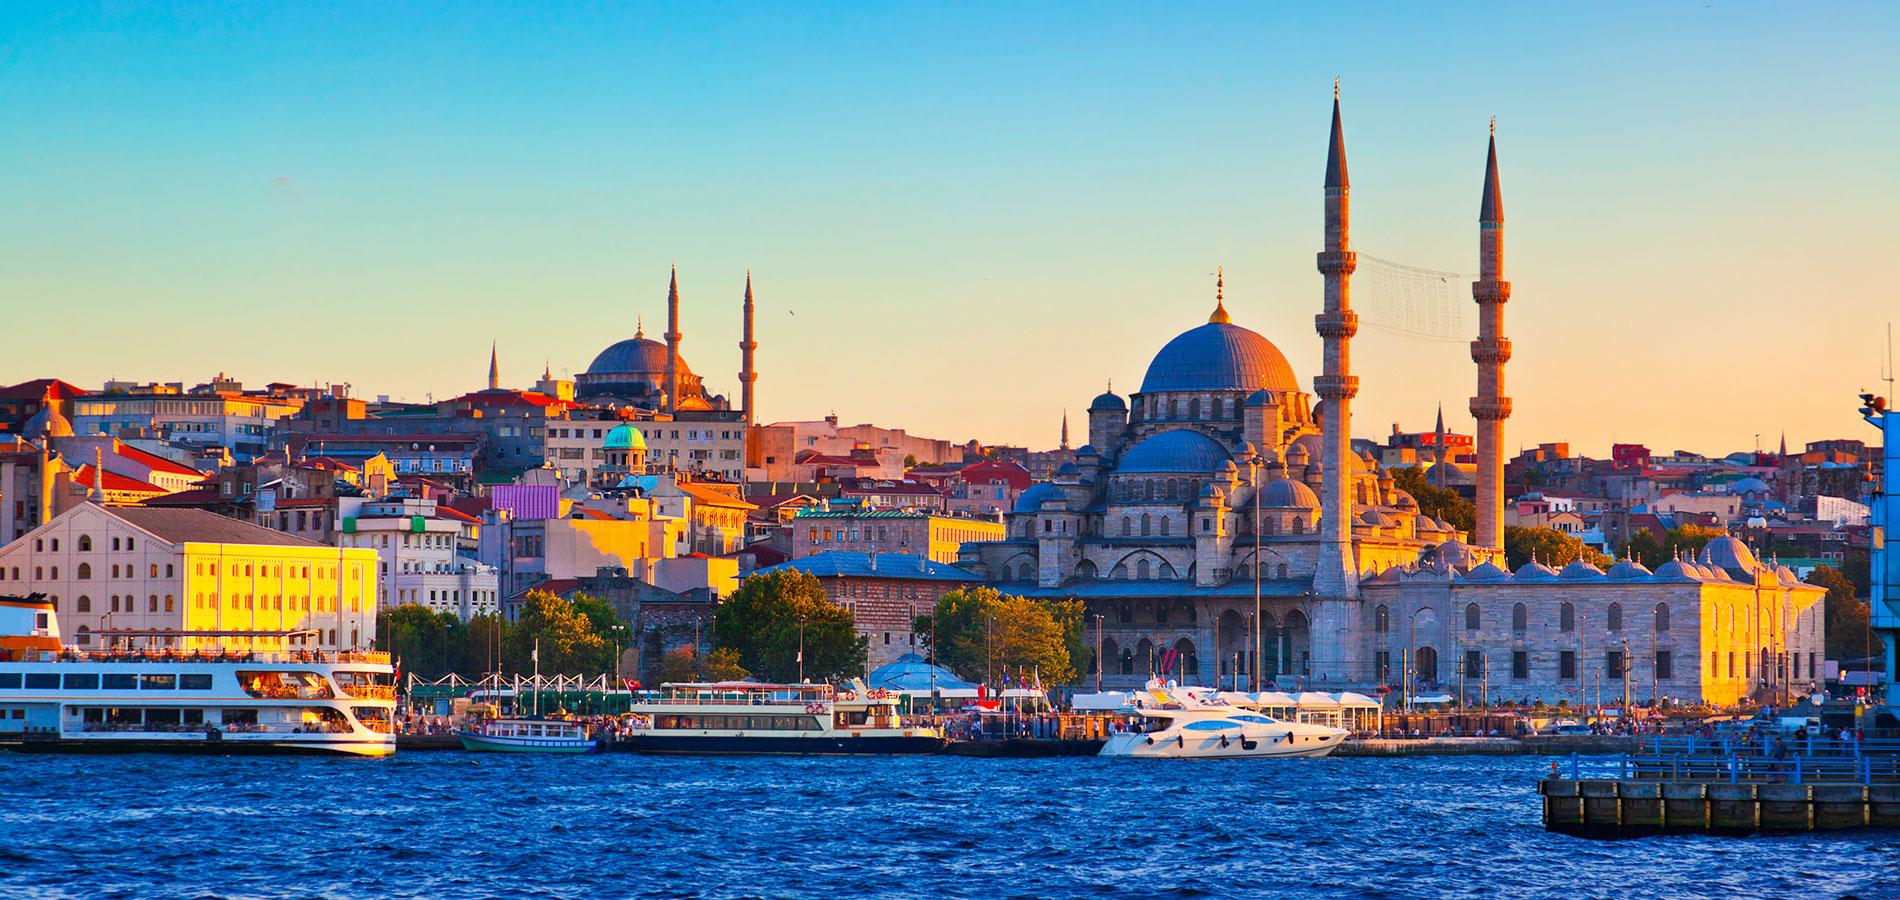 Turquia, puente entre culturas (desde otros orígenes)